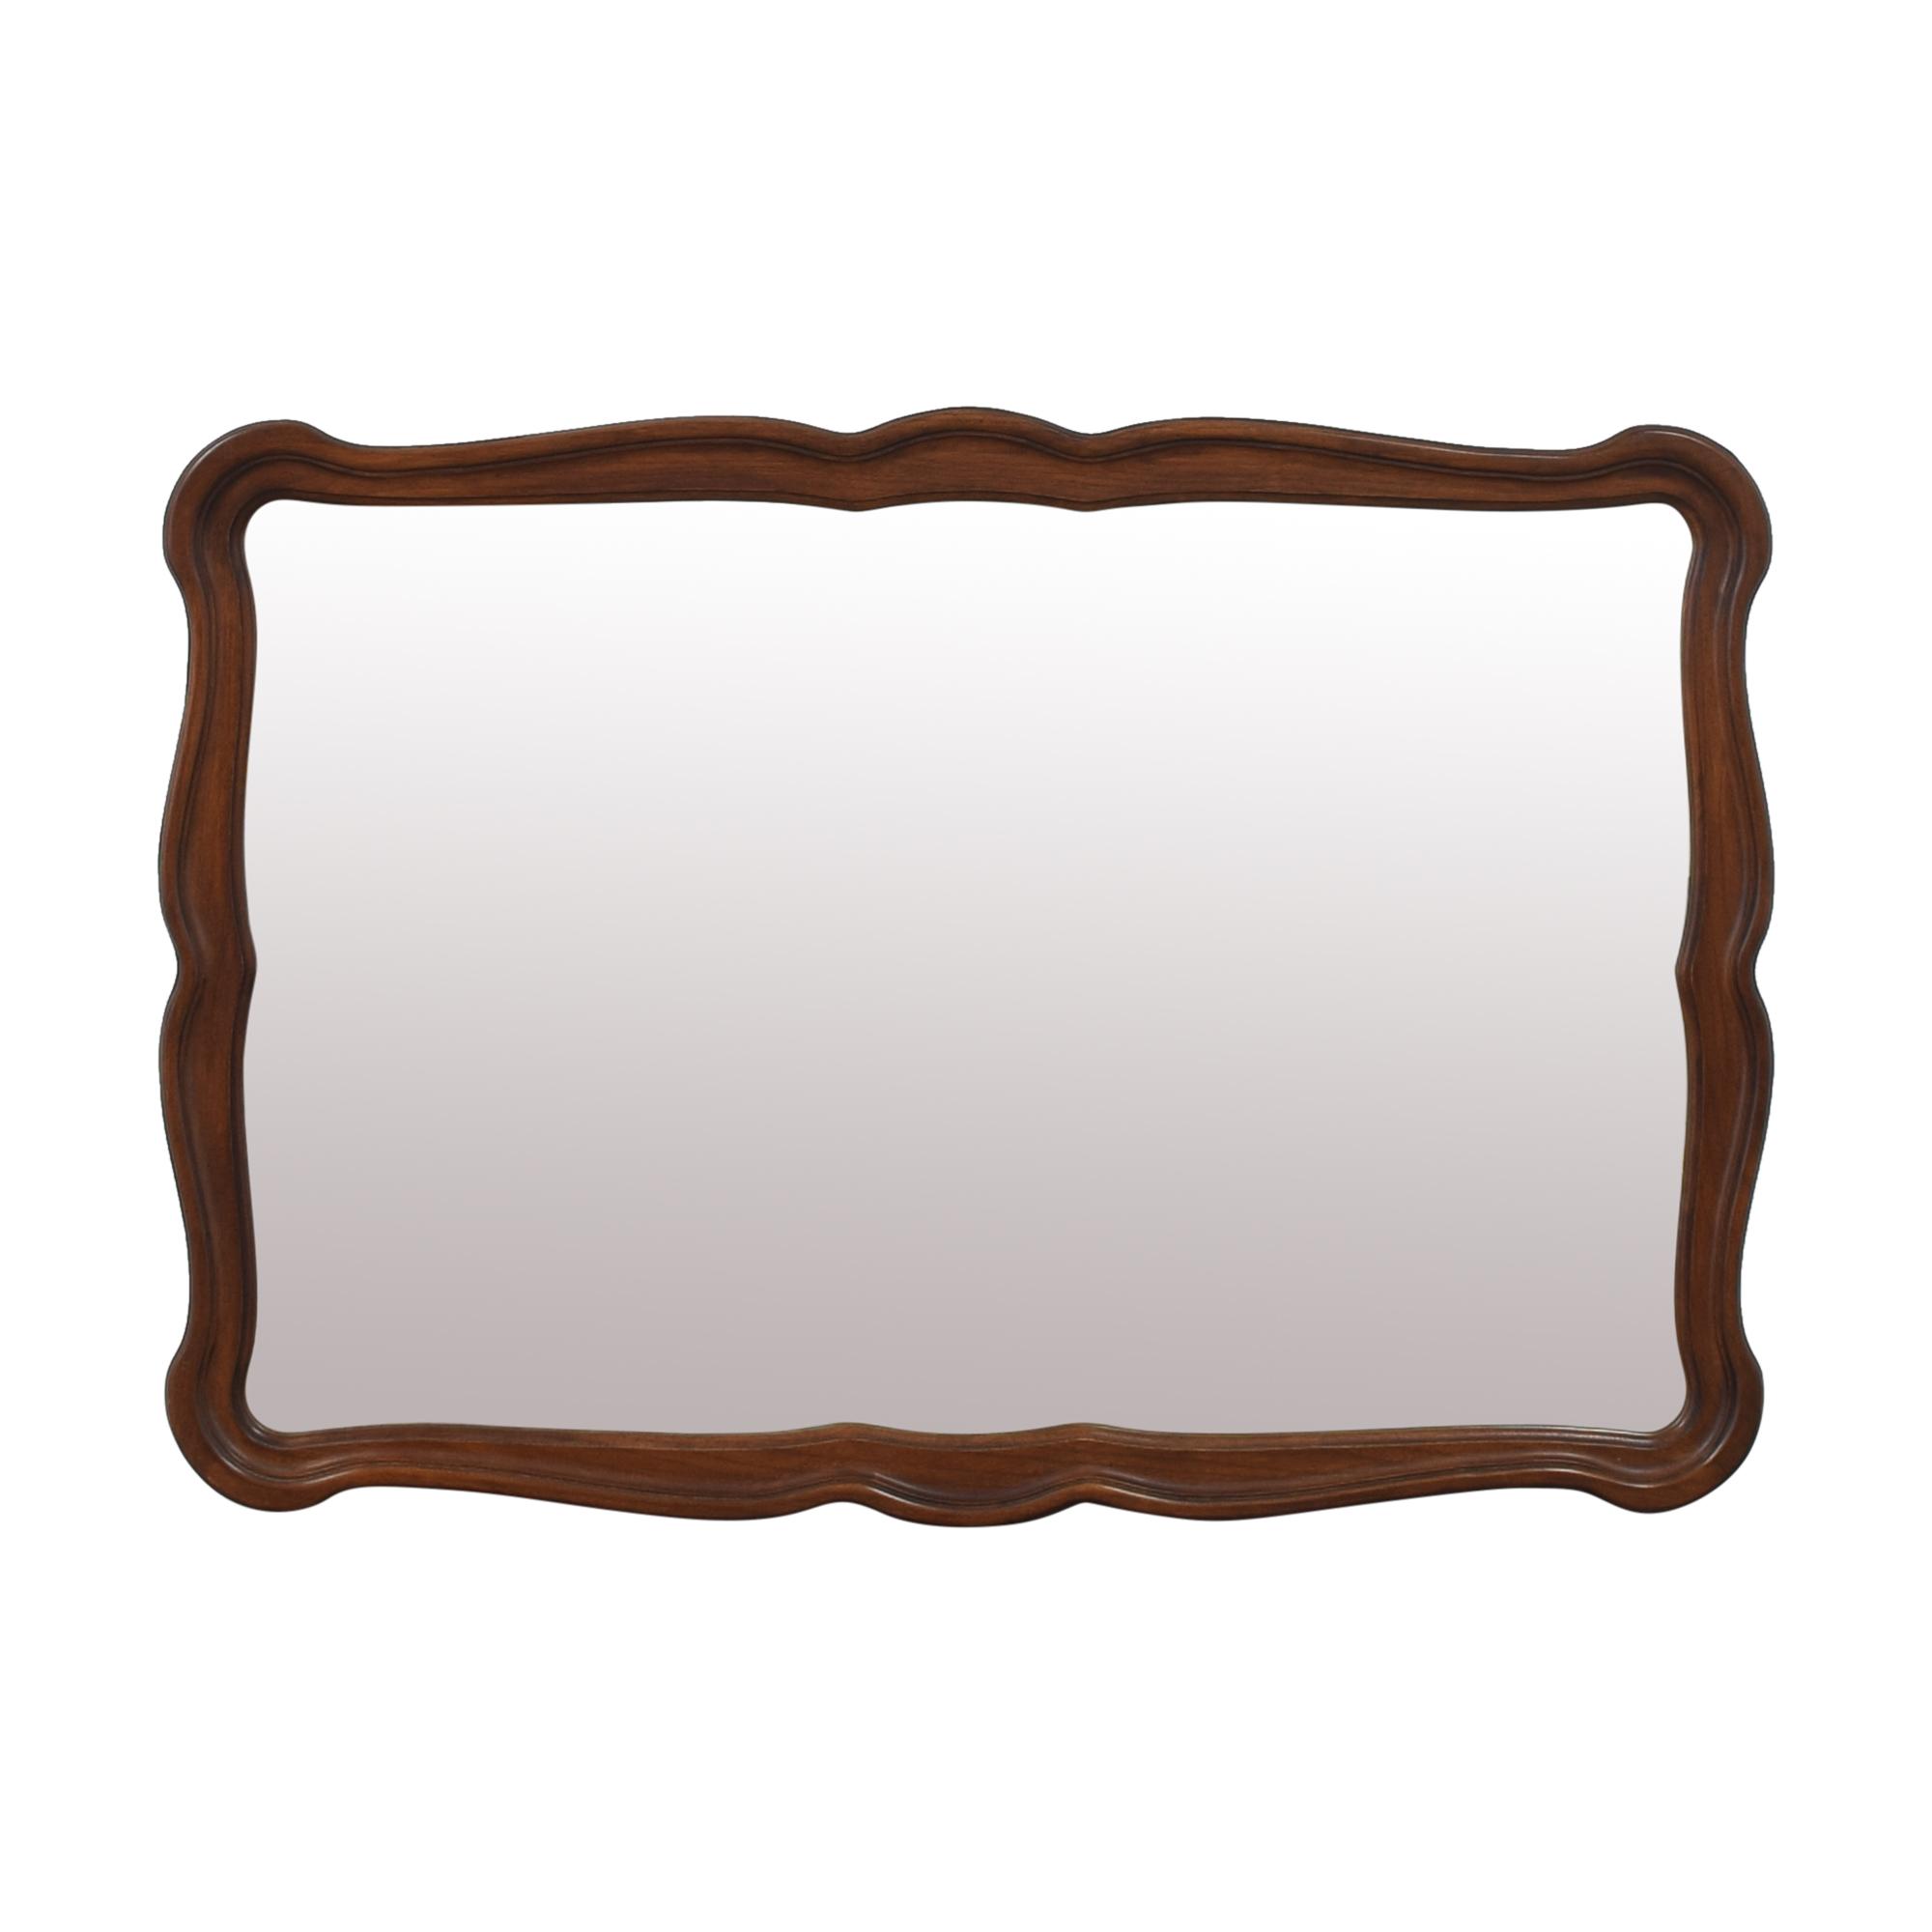 White Fine Furniture White Fine Furniture Wall Mirror on sale